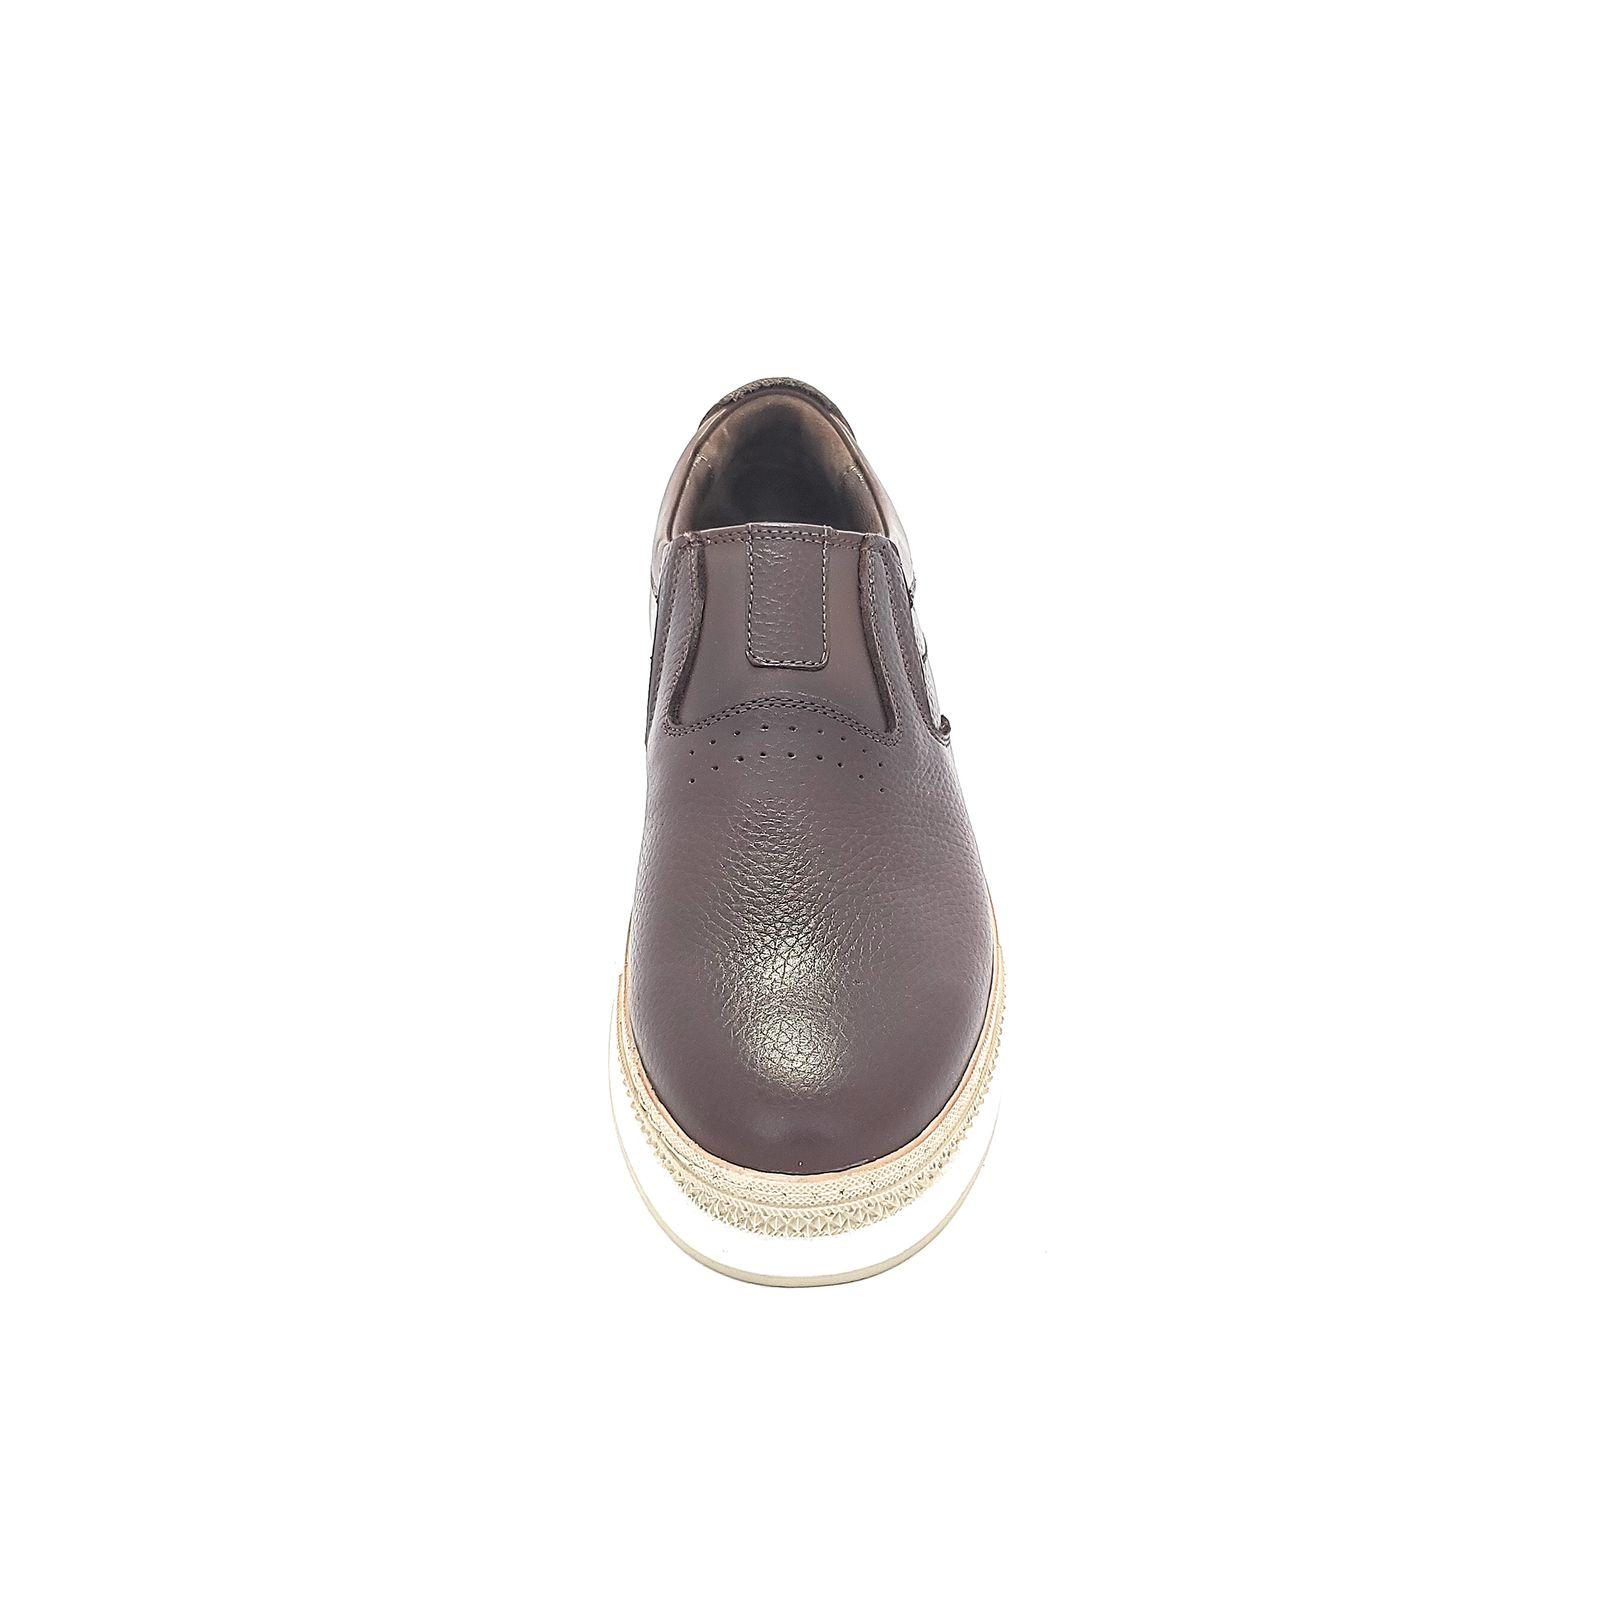 کفش روزمره مردانه دراتی مدل  DL-0012 -  - 6